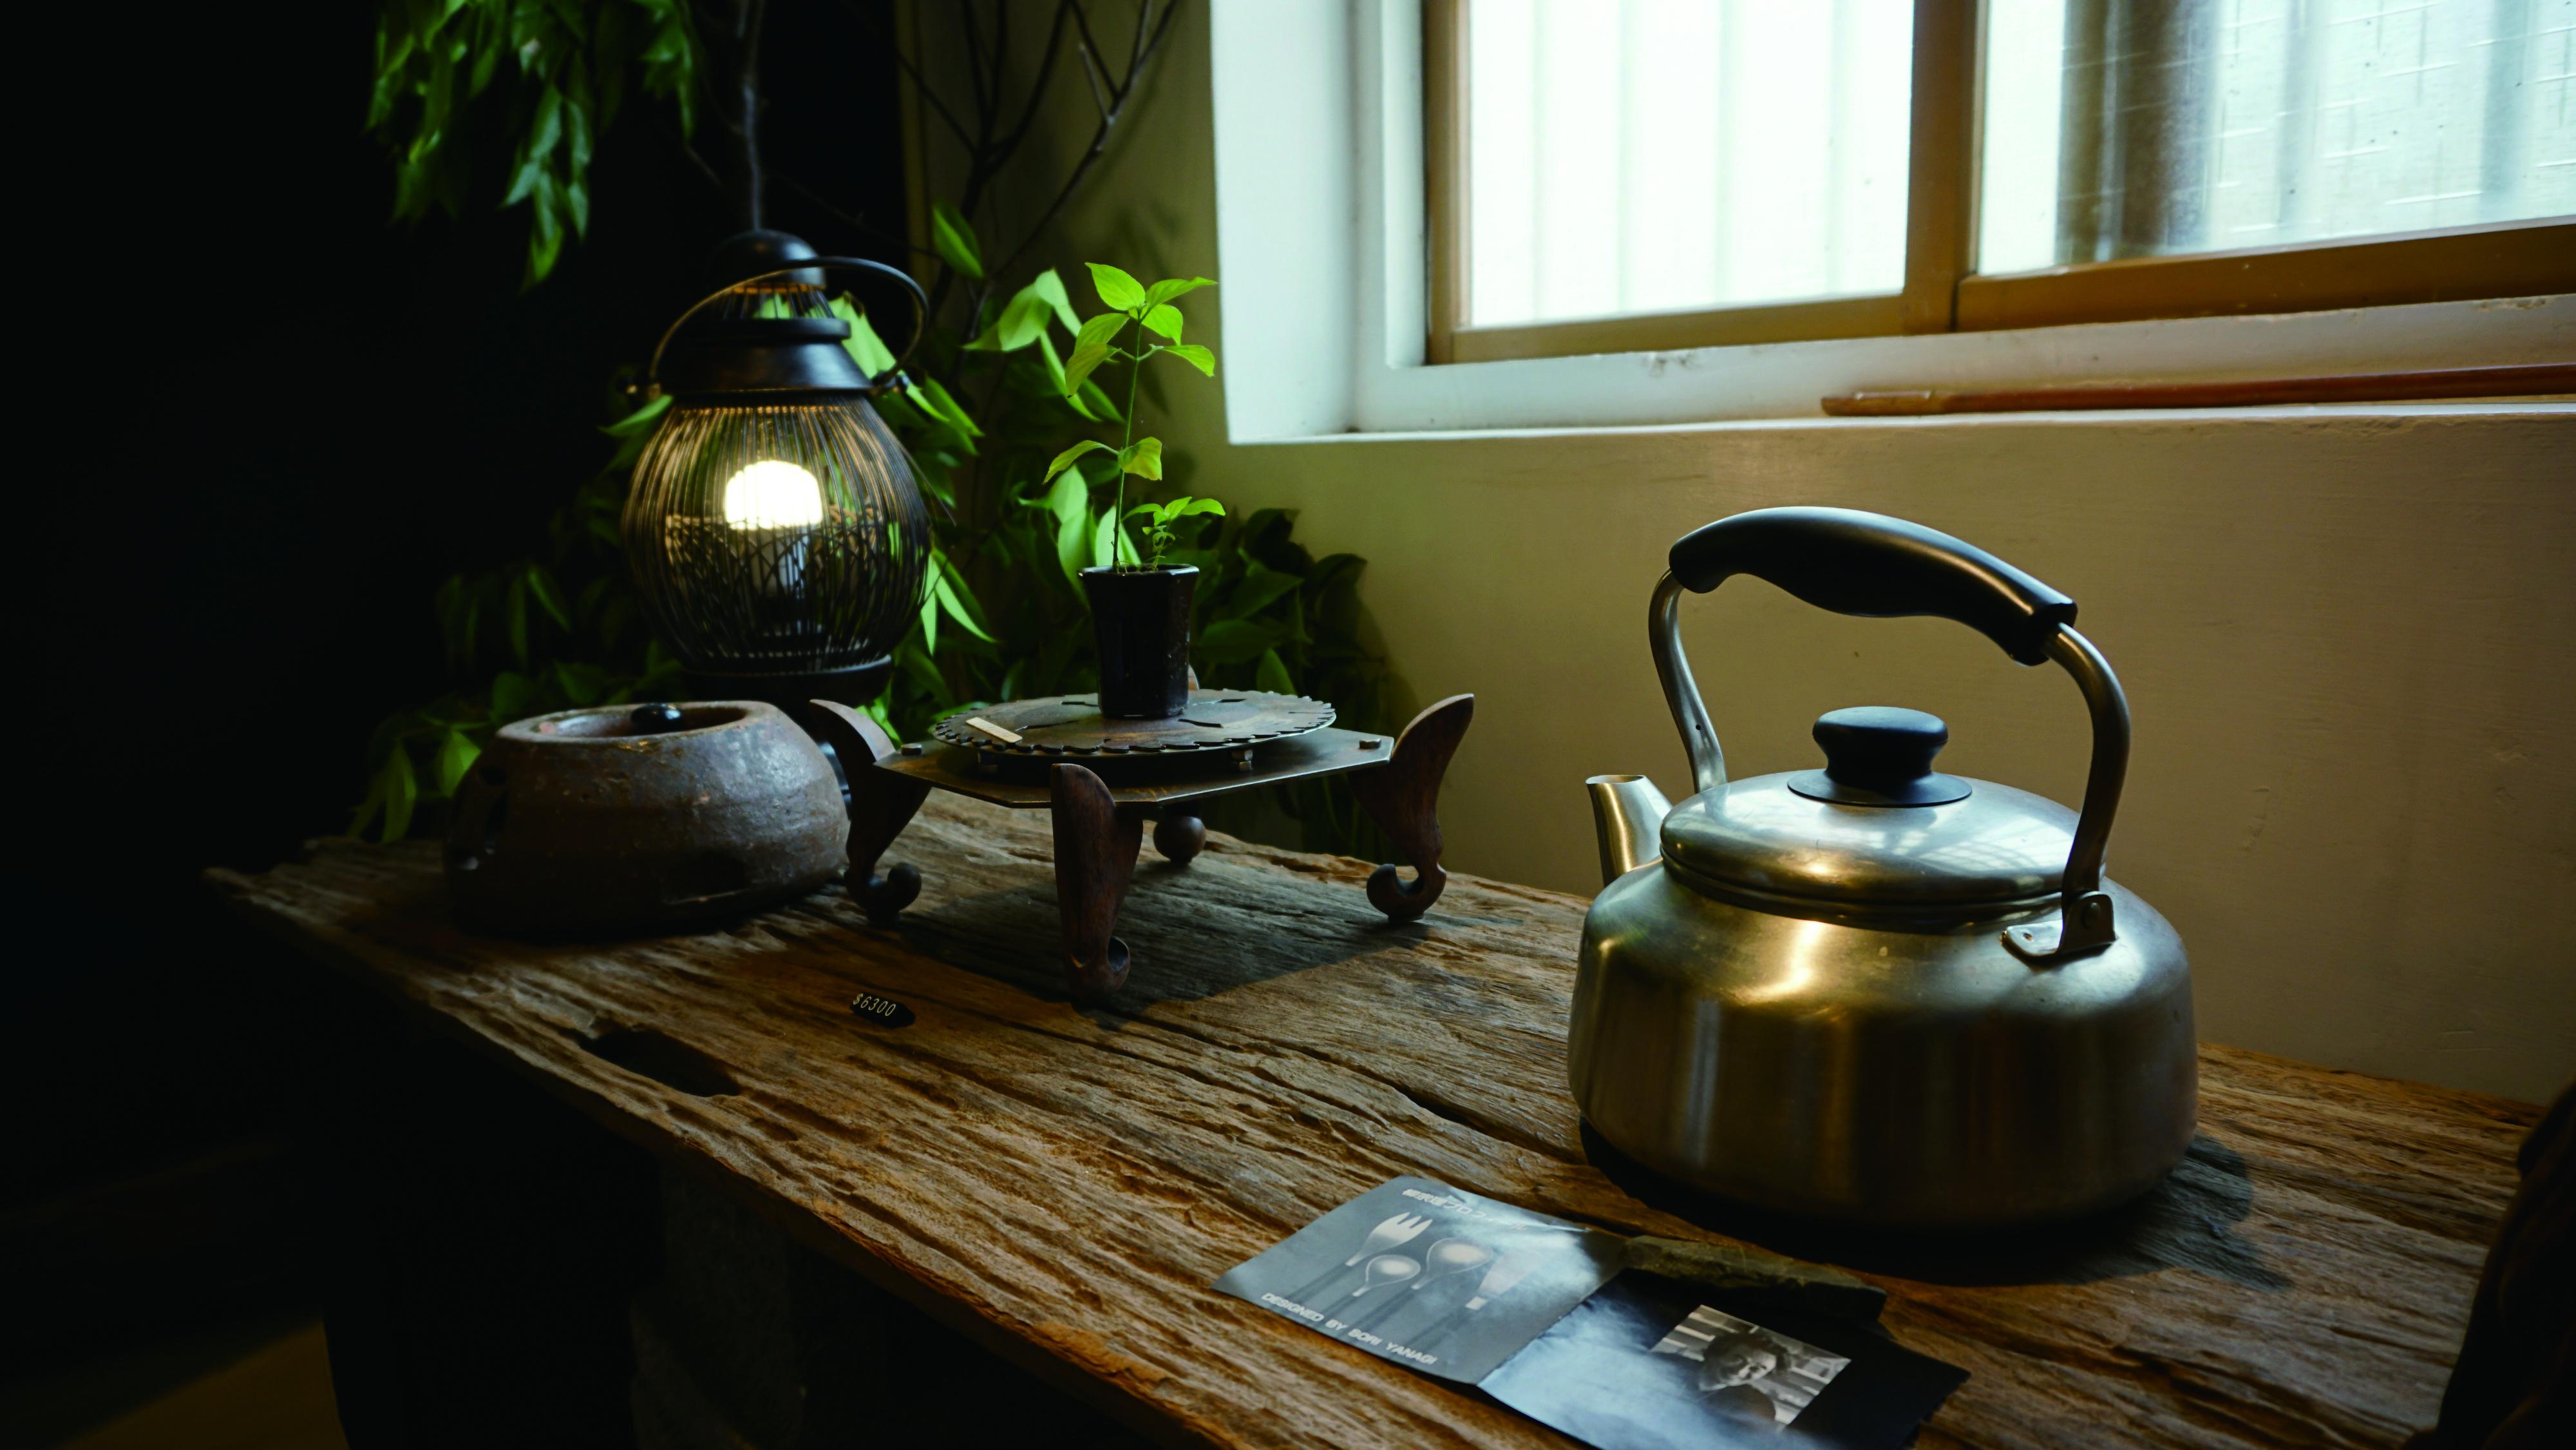 圖8 「白黑生活茶」內部保留老街的建築結構,以茶為主的主題展,為當地的茶飲文化增添一股美學韻味。.JPG